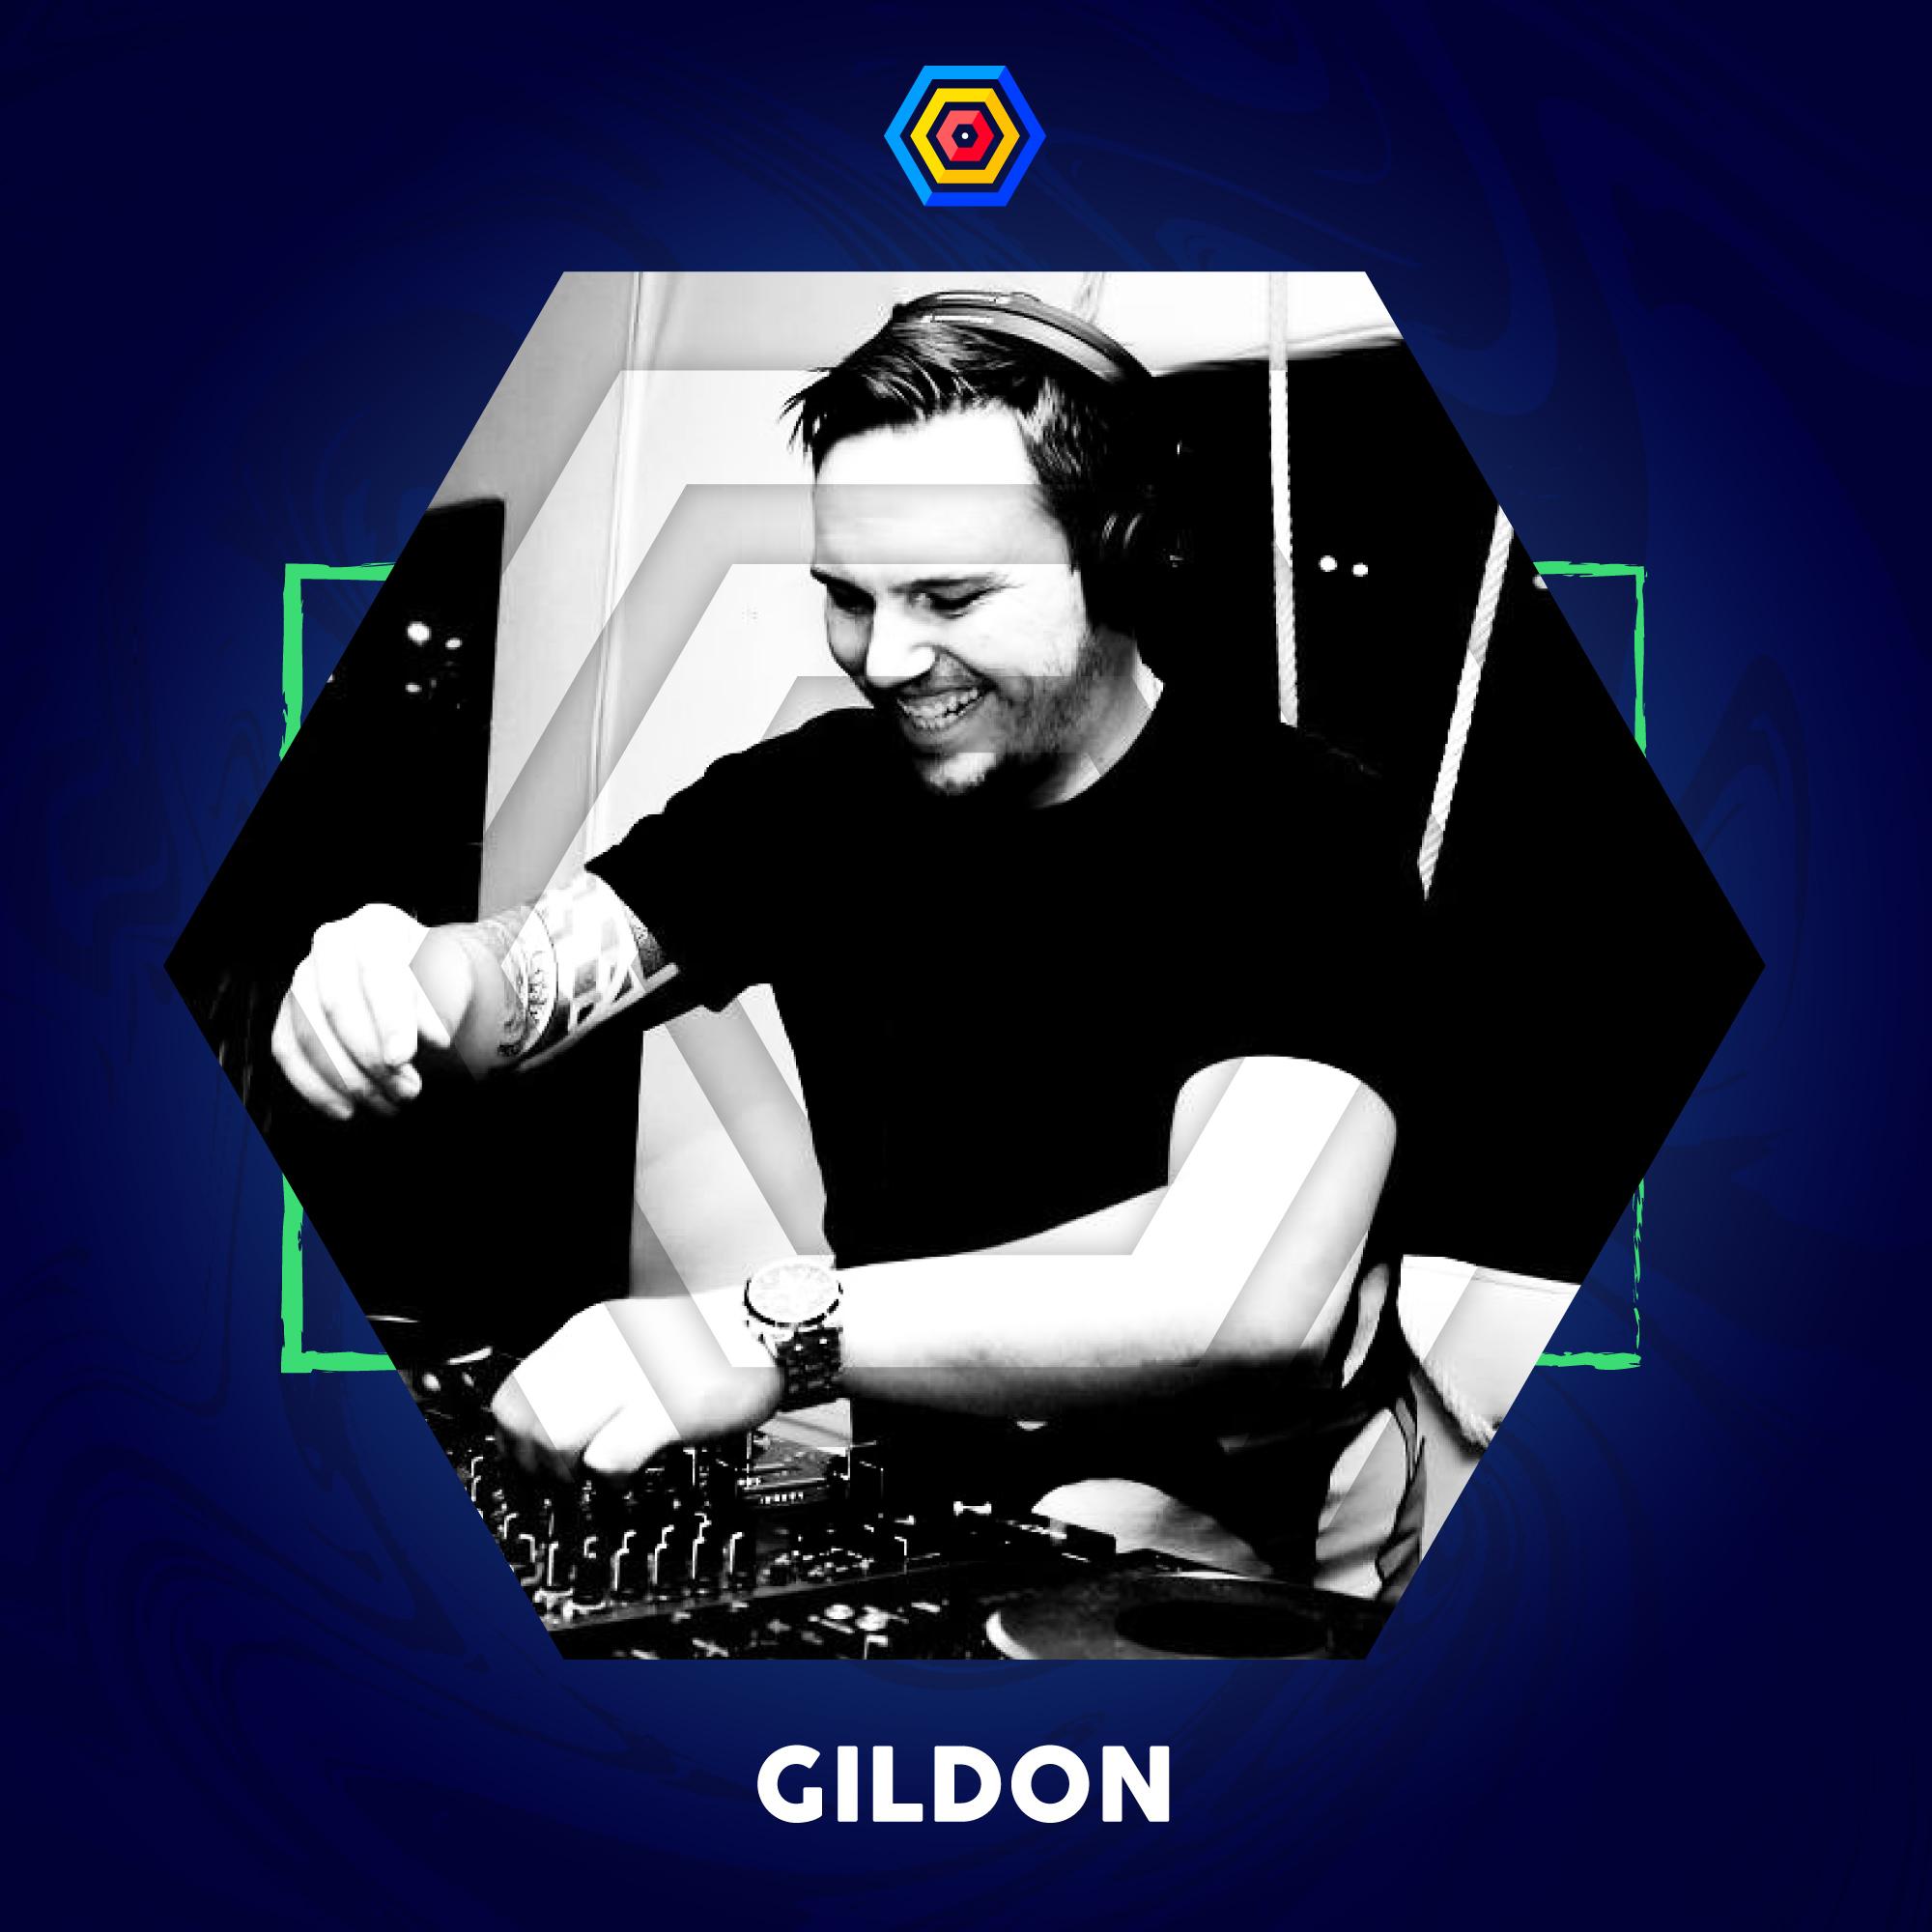 Gildon